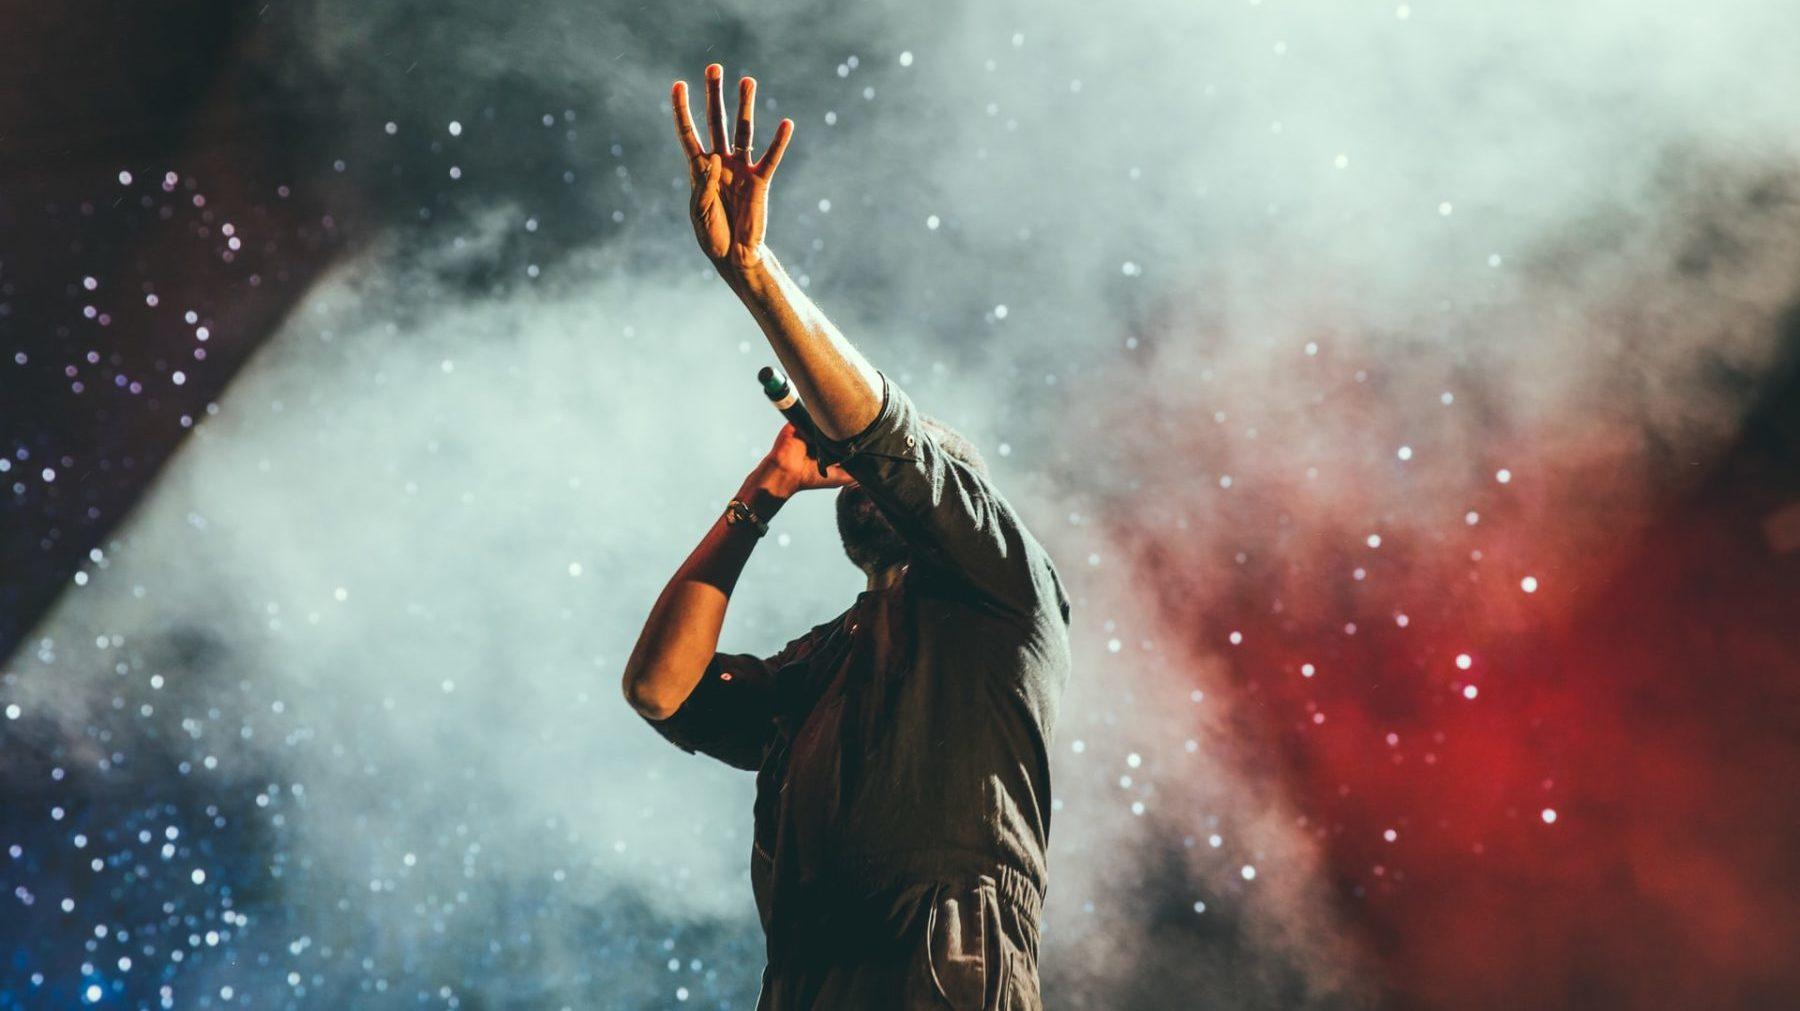 sanger på scenen, med mikrofon, farger og røyk i bakgrunnen